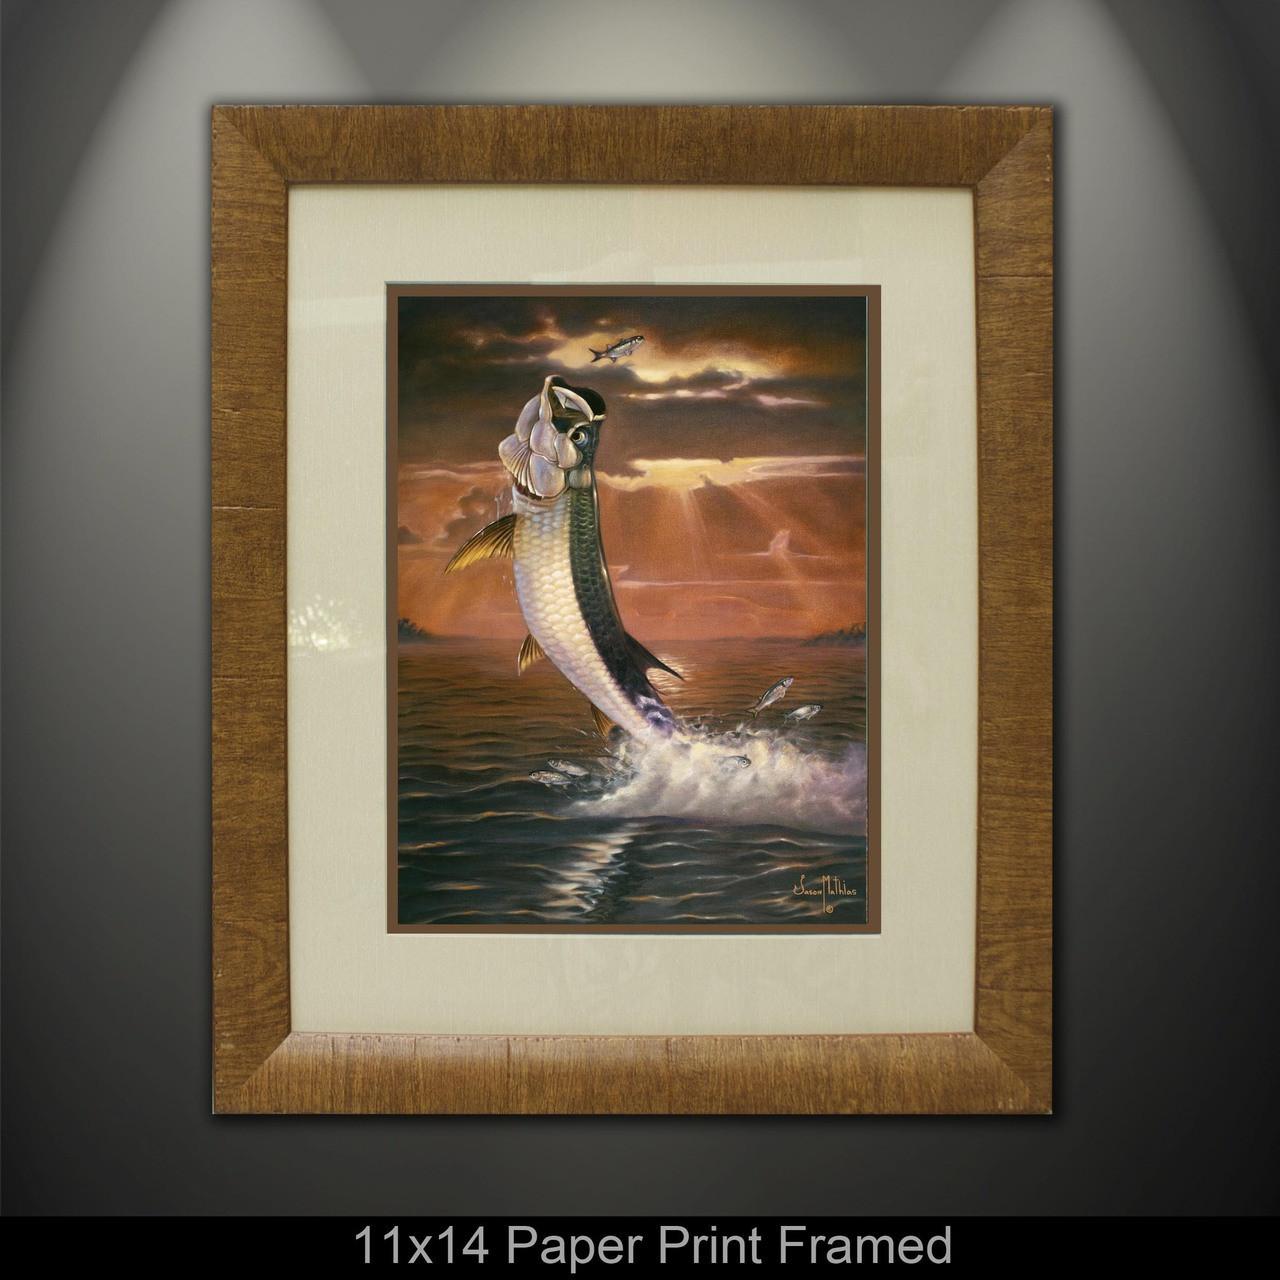 On sale mini framed print golden moment jason for 11x14 paper size